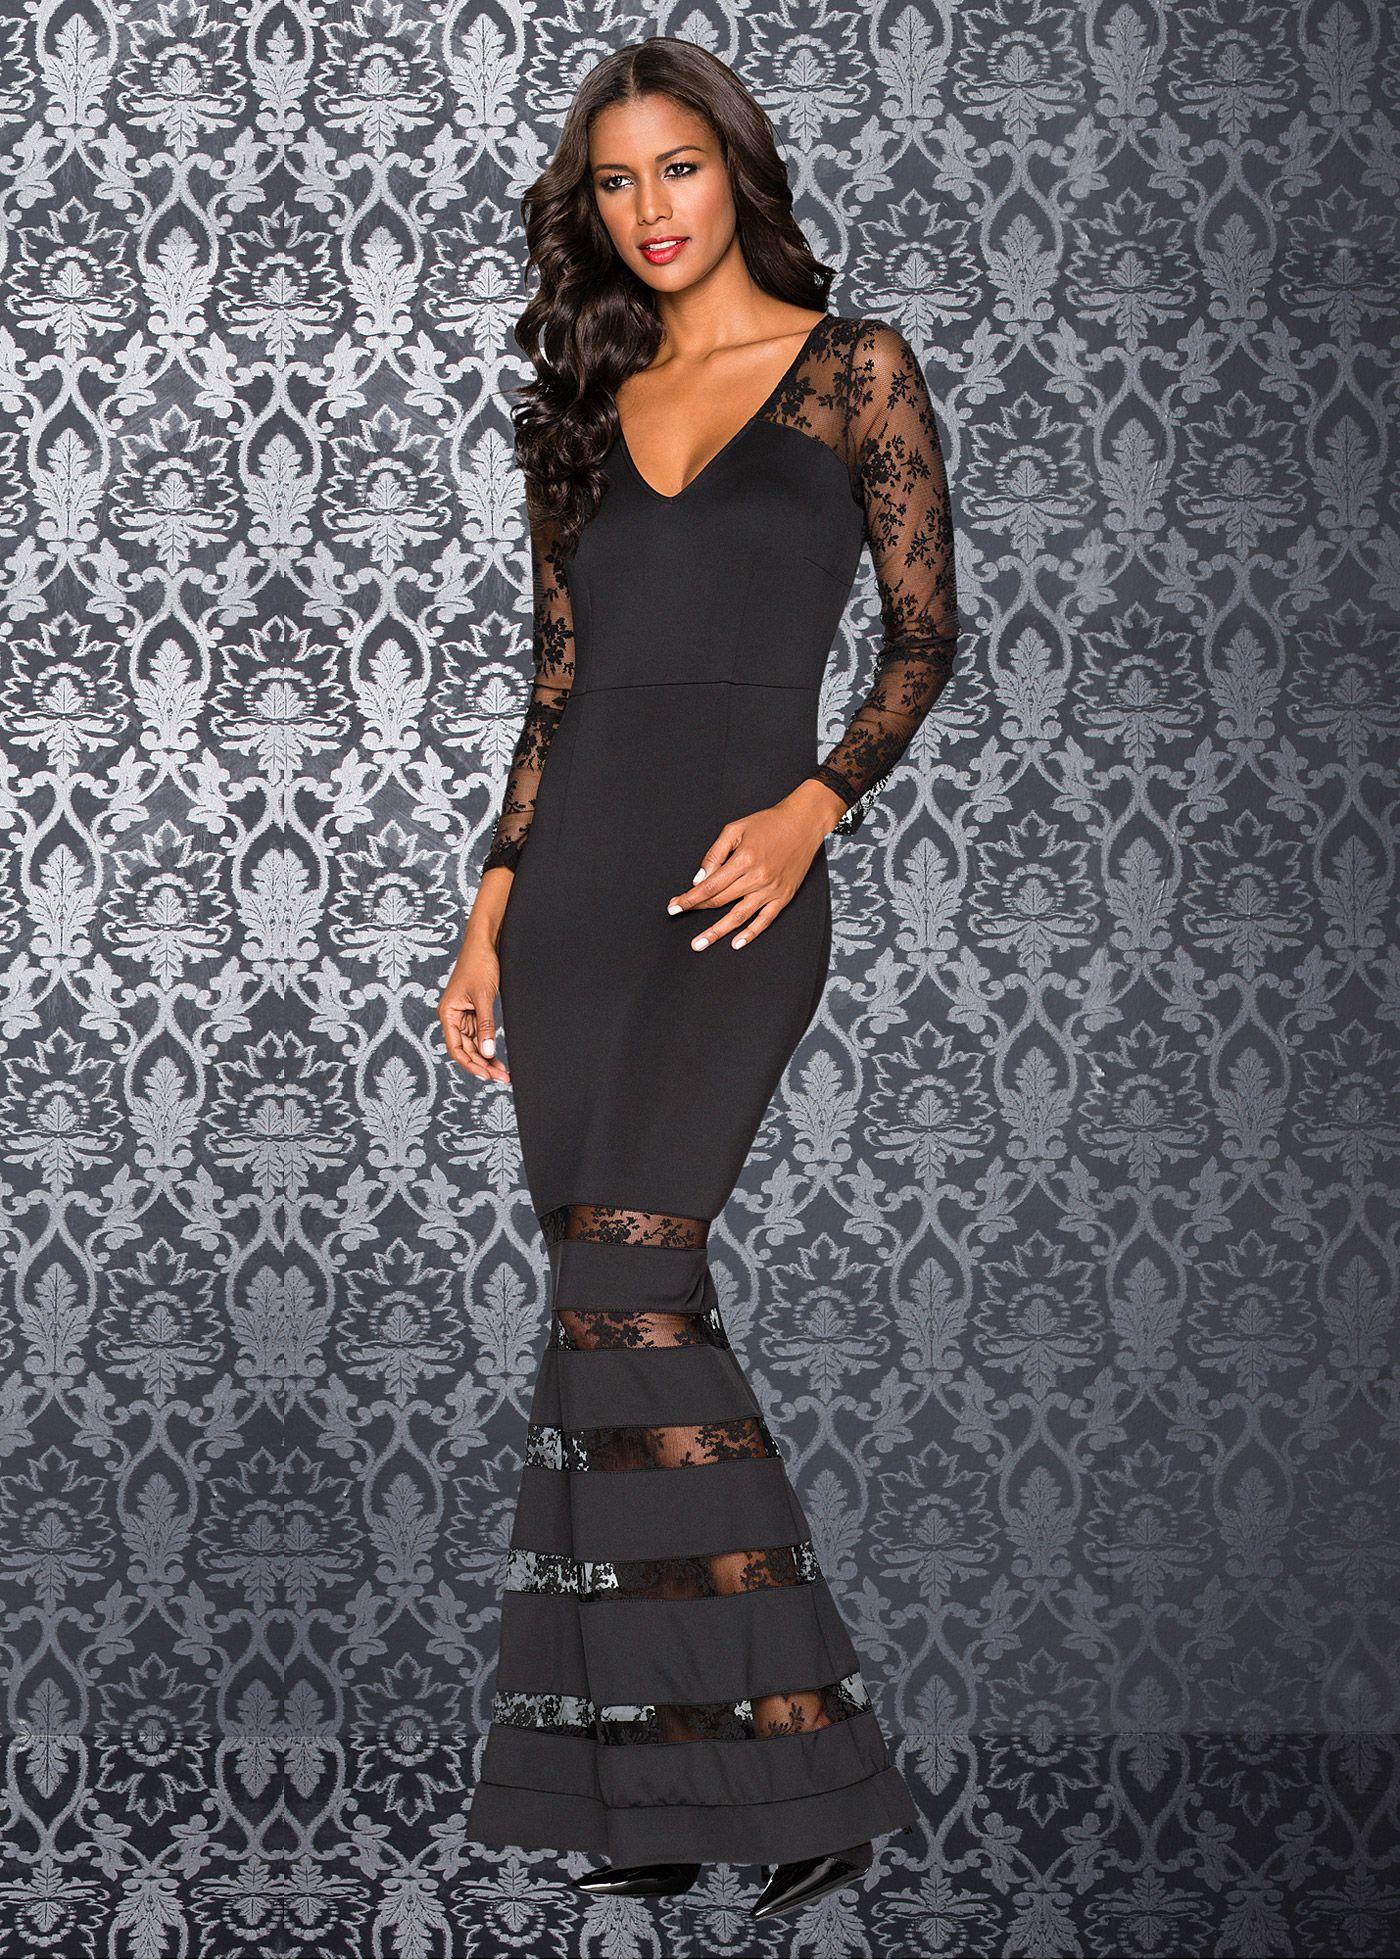 Vestido de festa vermelho encomendar agora na loja on-line bonprix.de  R$ 169,00 a partir de Vestido de noite perfeito! Com aplicações de renda nas mangas e ...